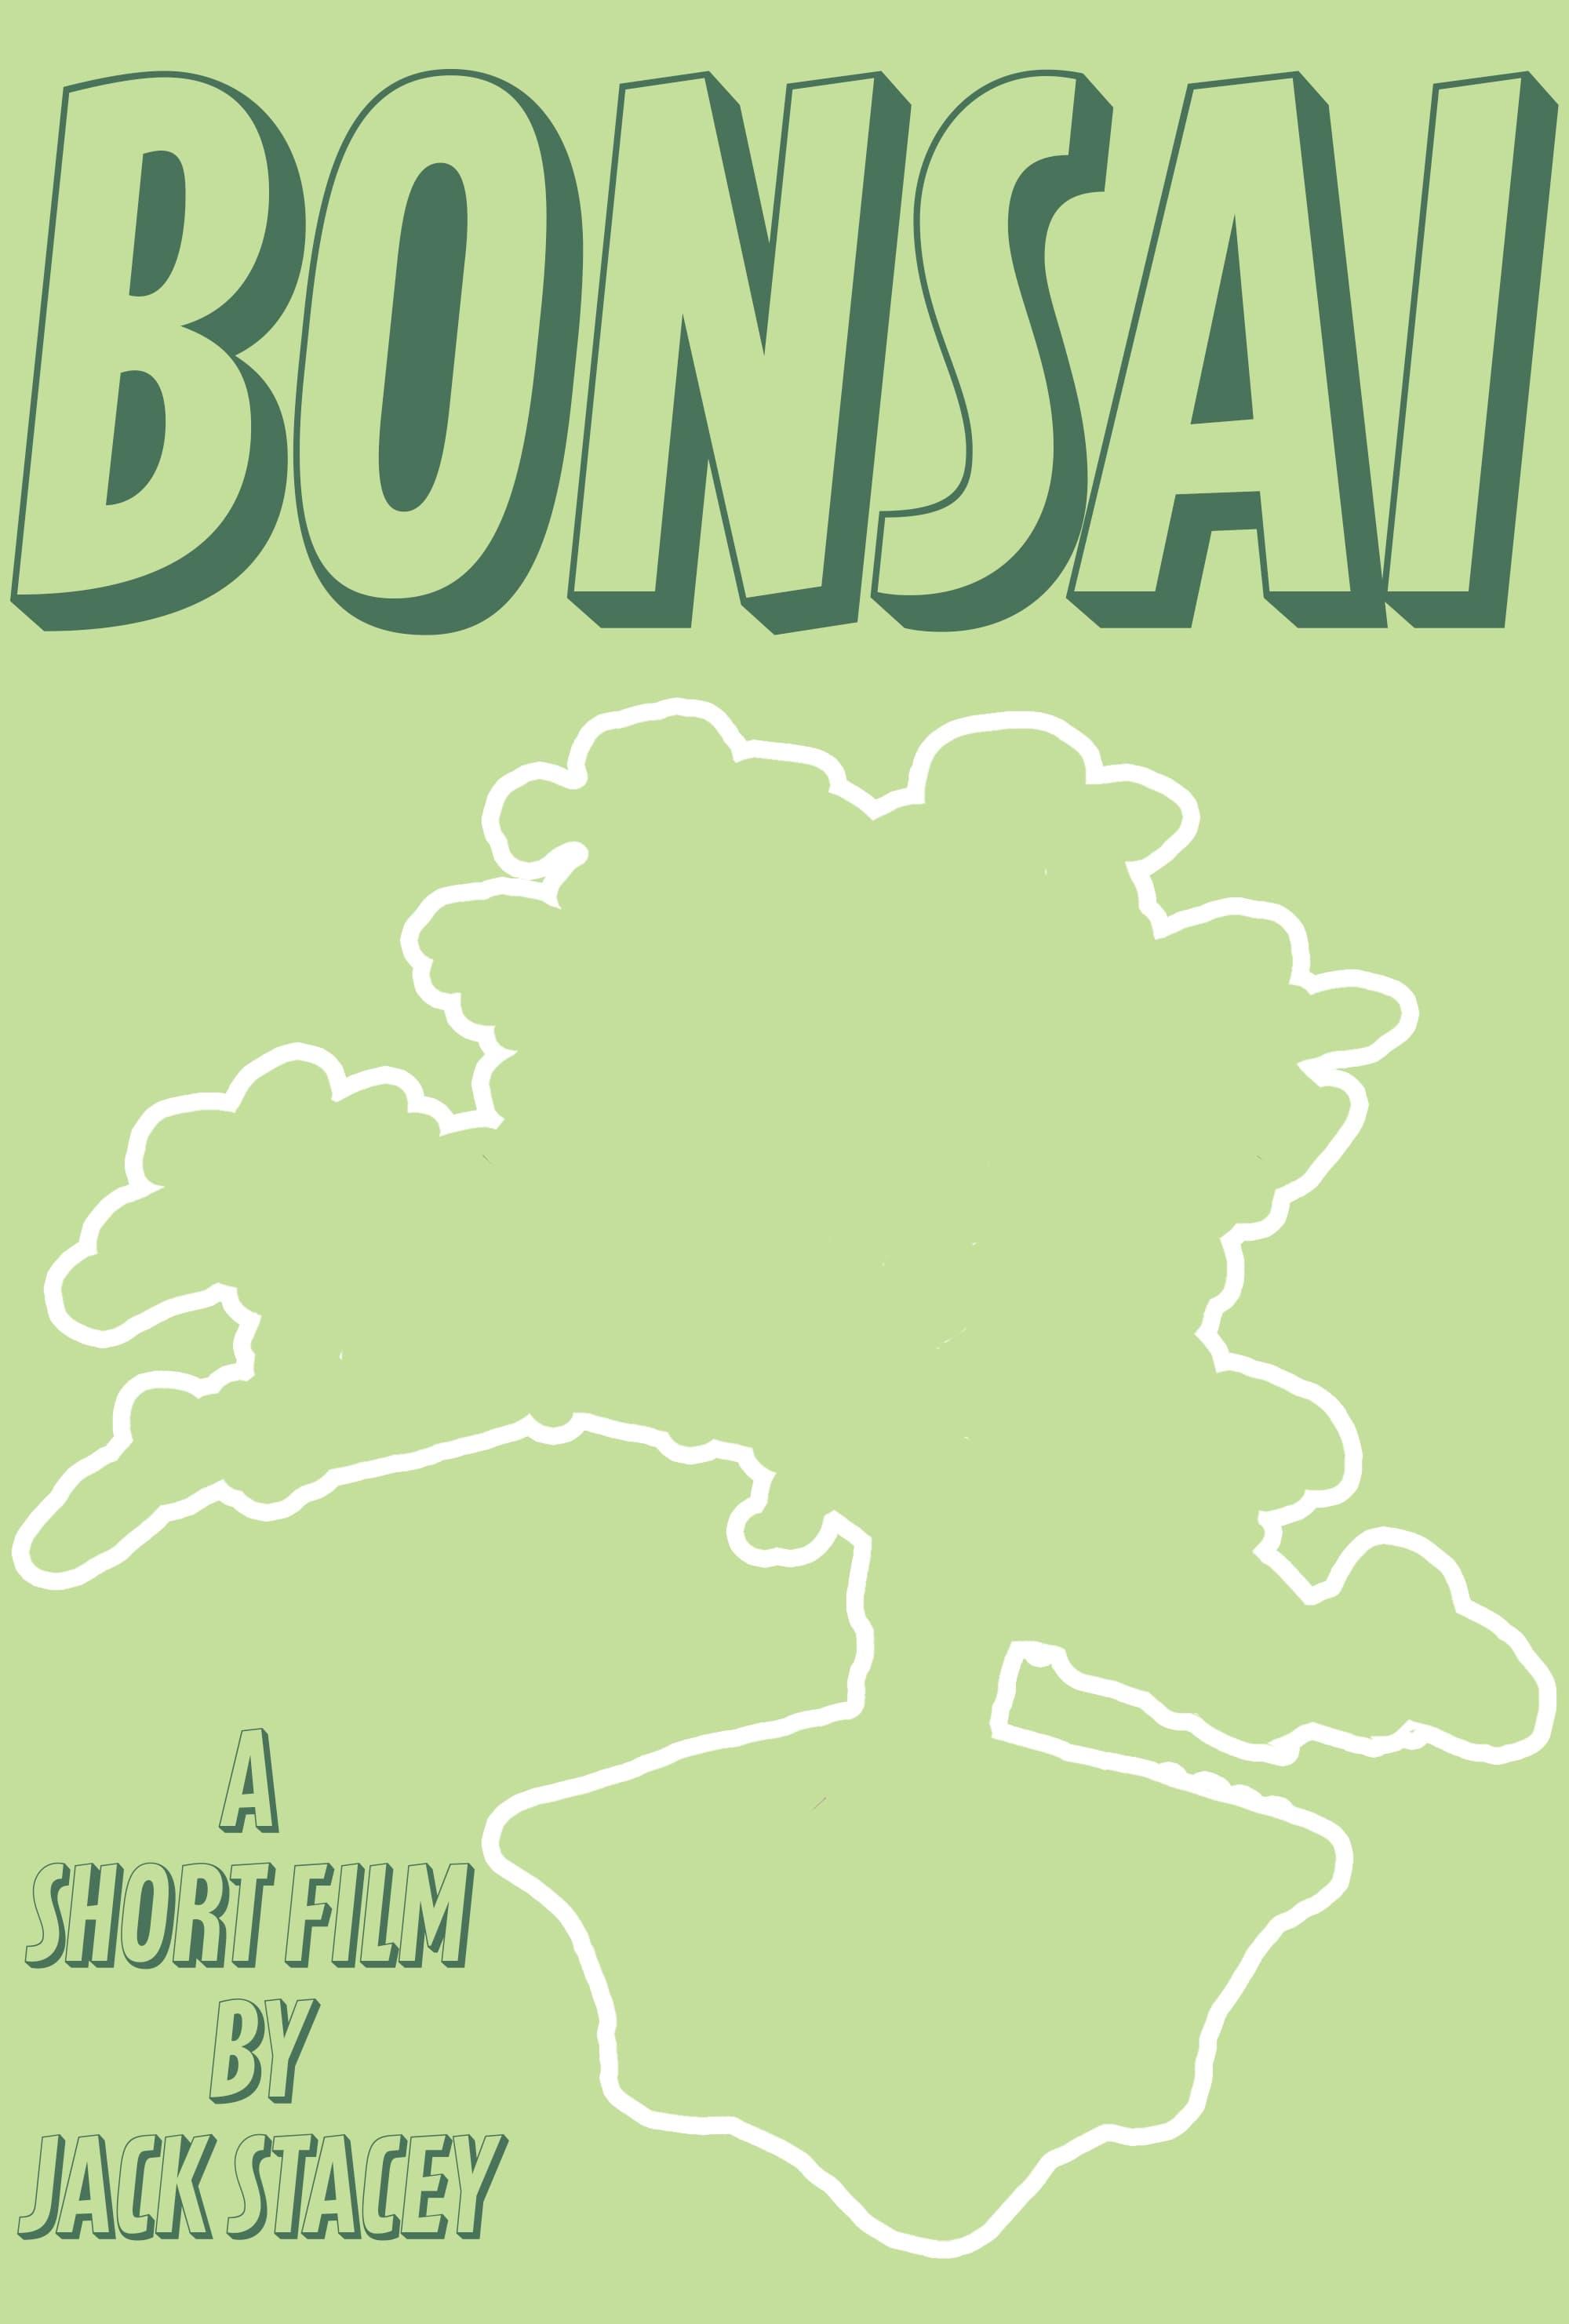 Bonsai (2021)